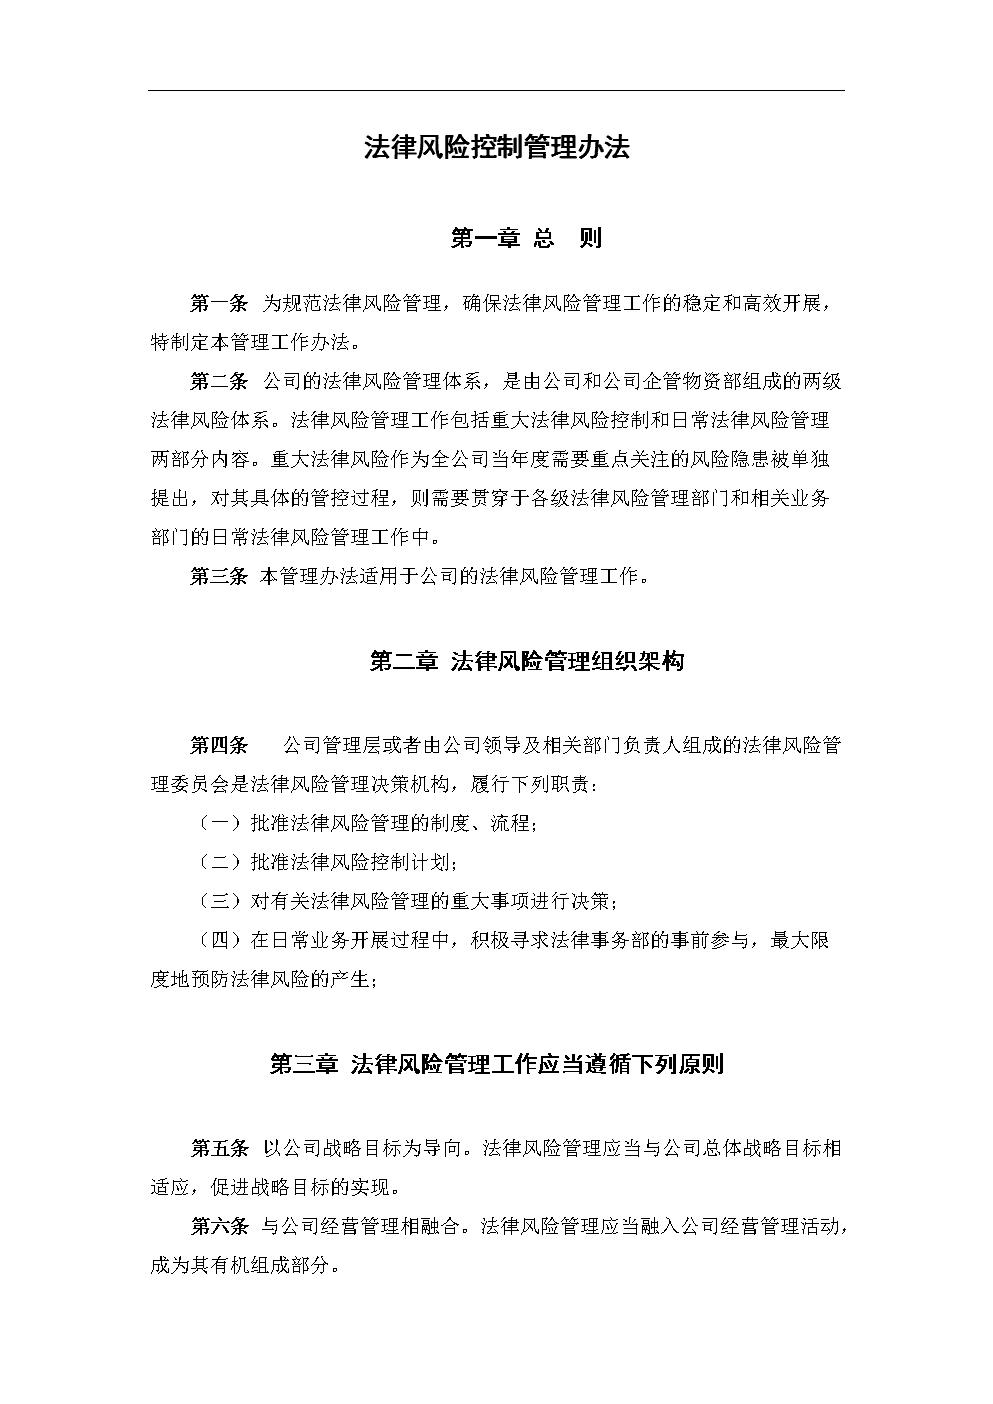 建材公司法律事务管理类模版.doc